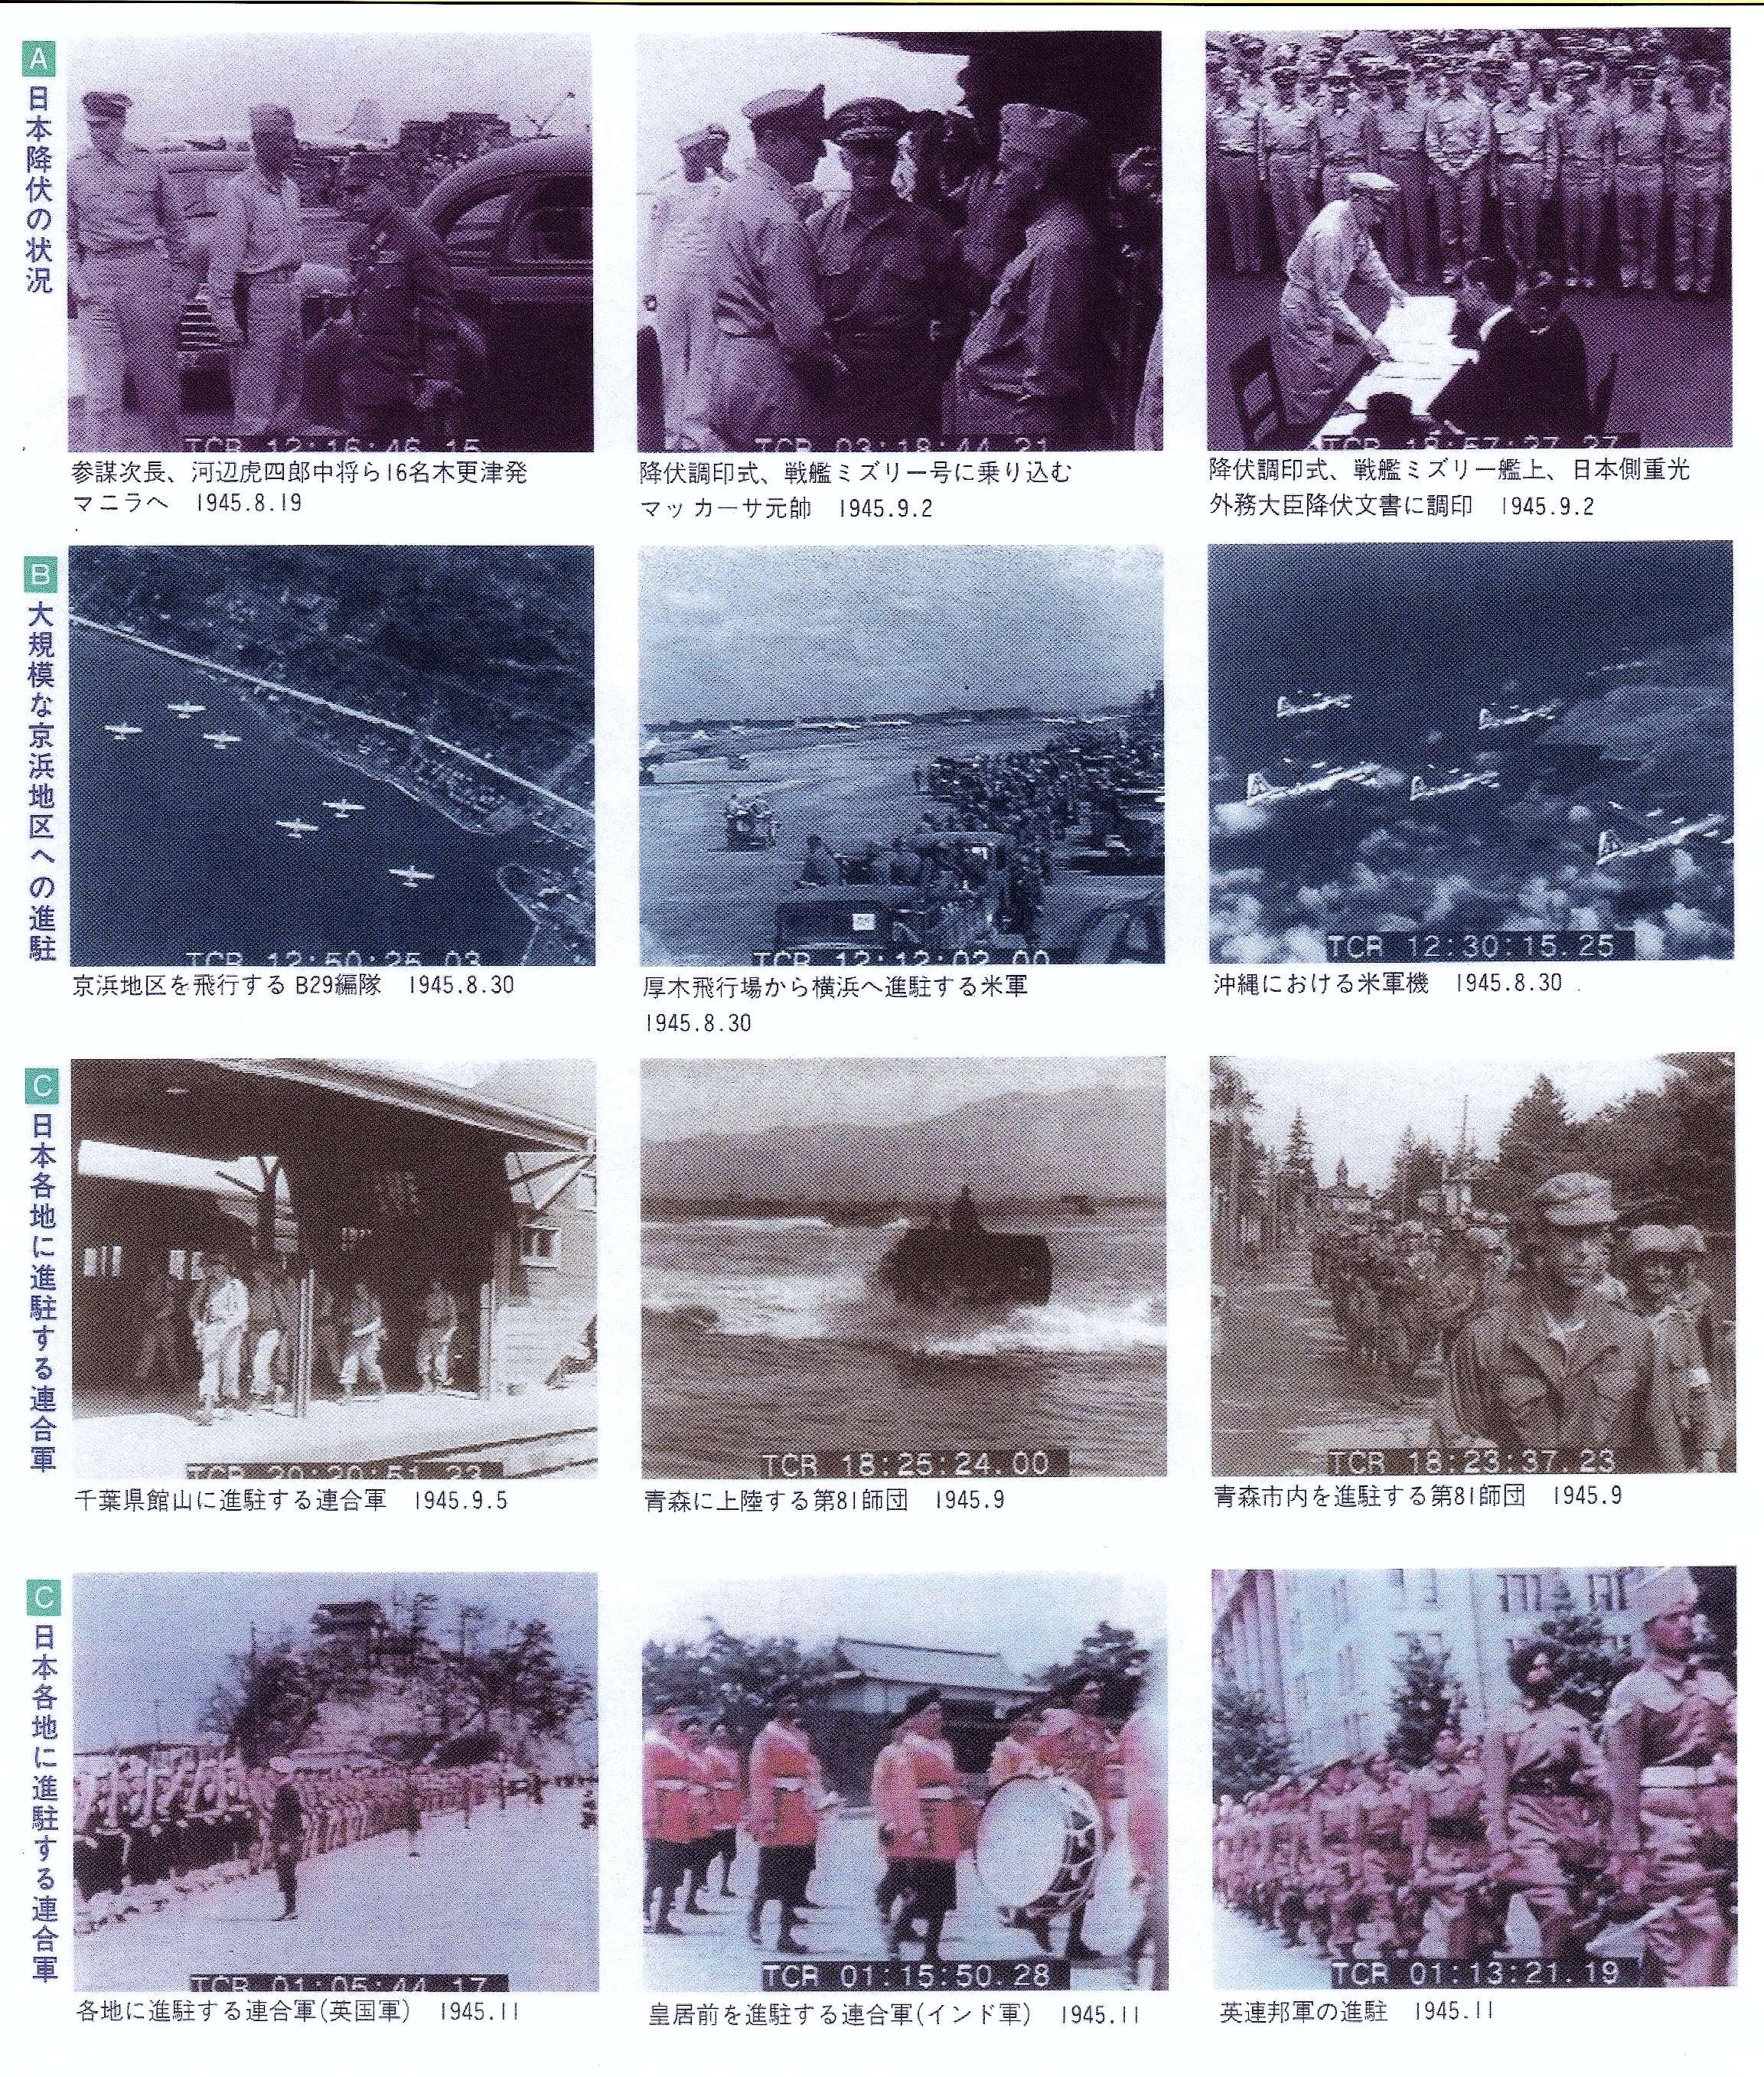 日本降伏_InPixio